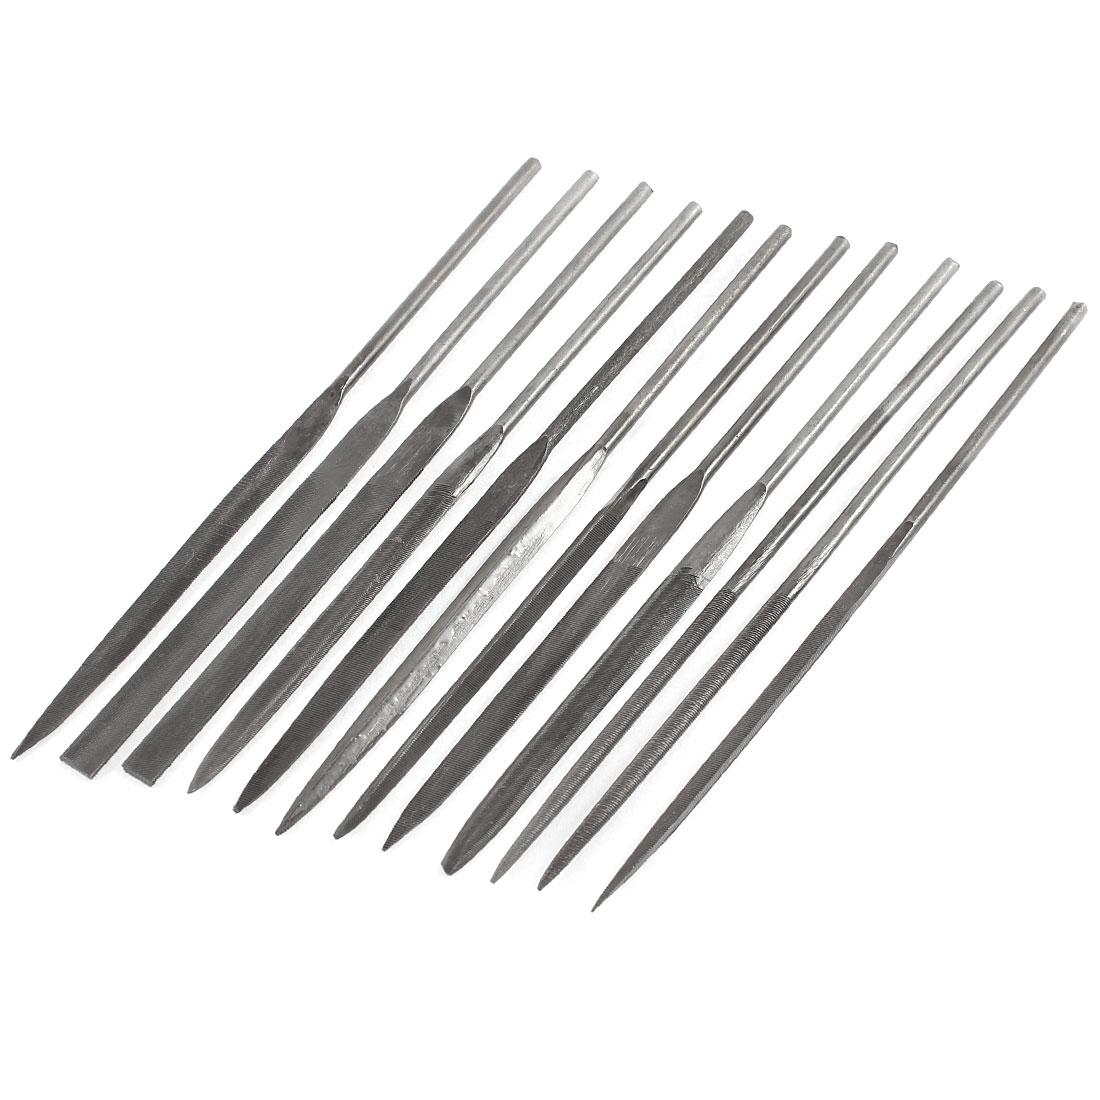 Metal Glass Hobby Repair Hardware Tool Needle File 12 Pcs